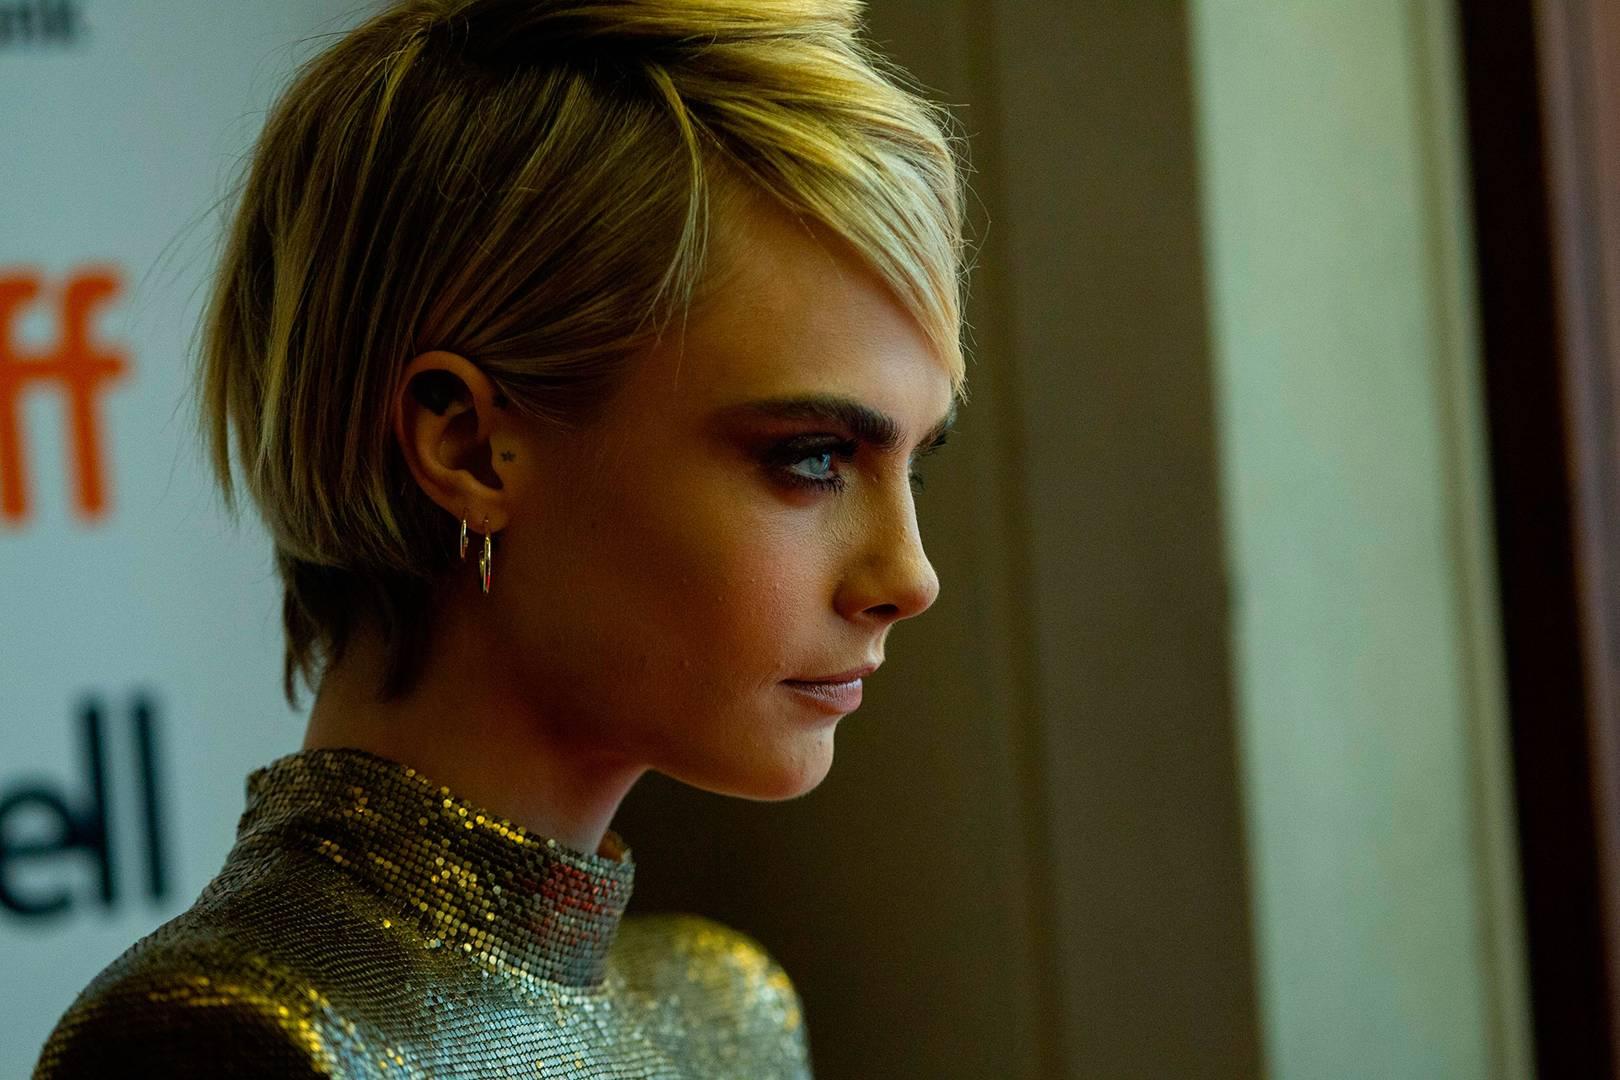 Fringe Hairstyles 2018 British Vogue